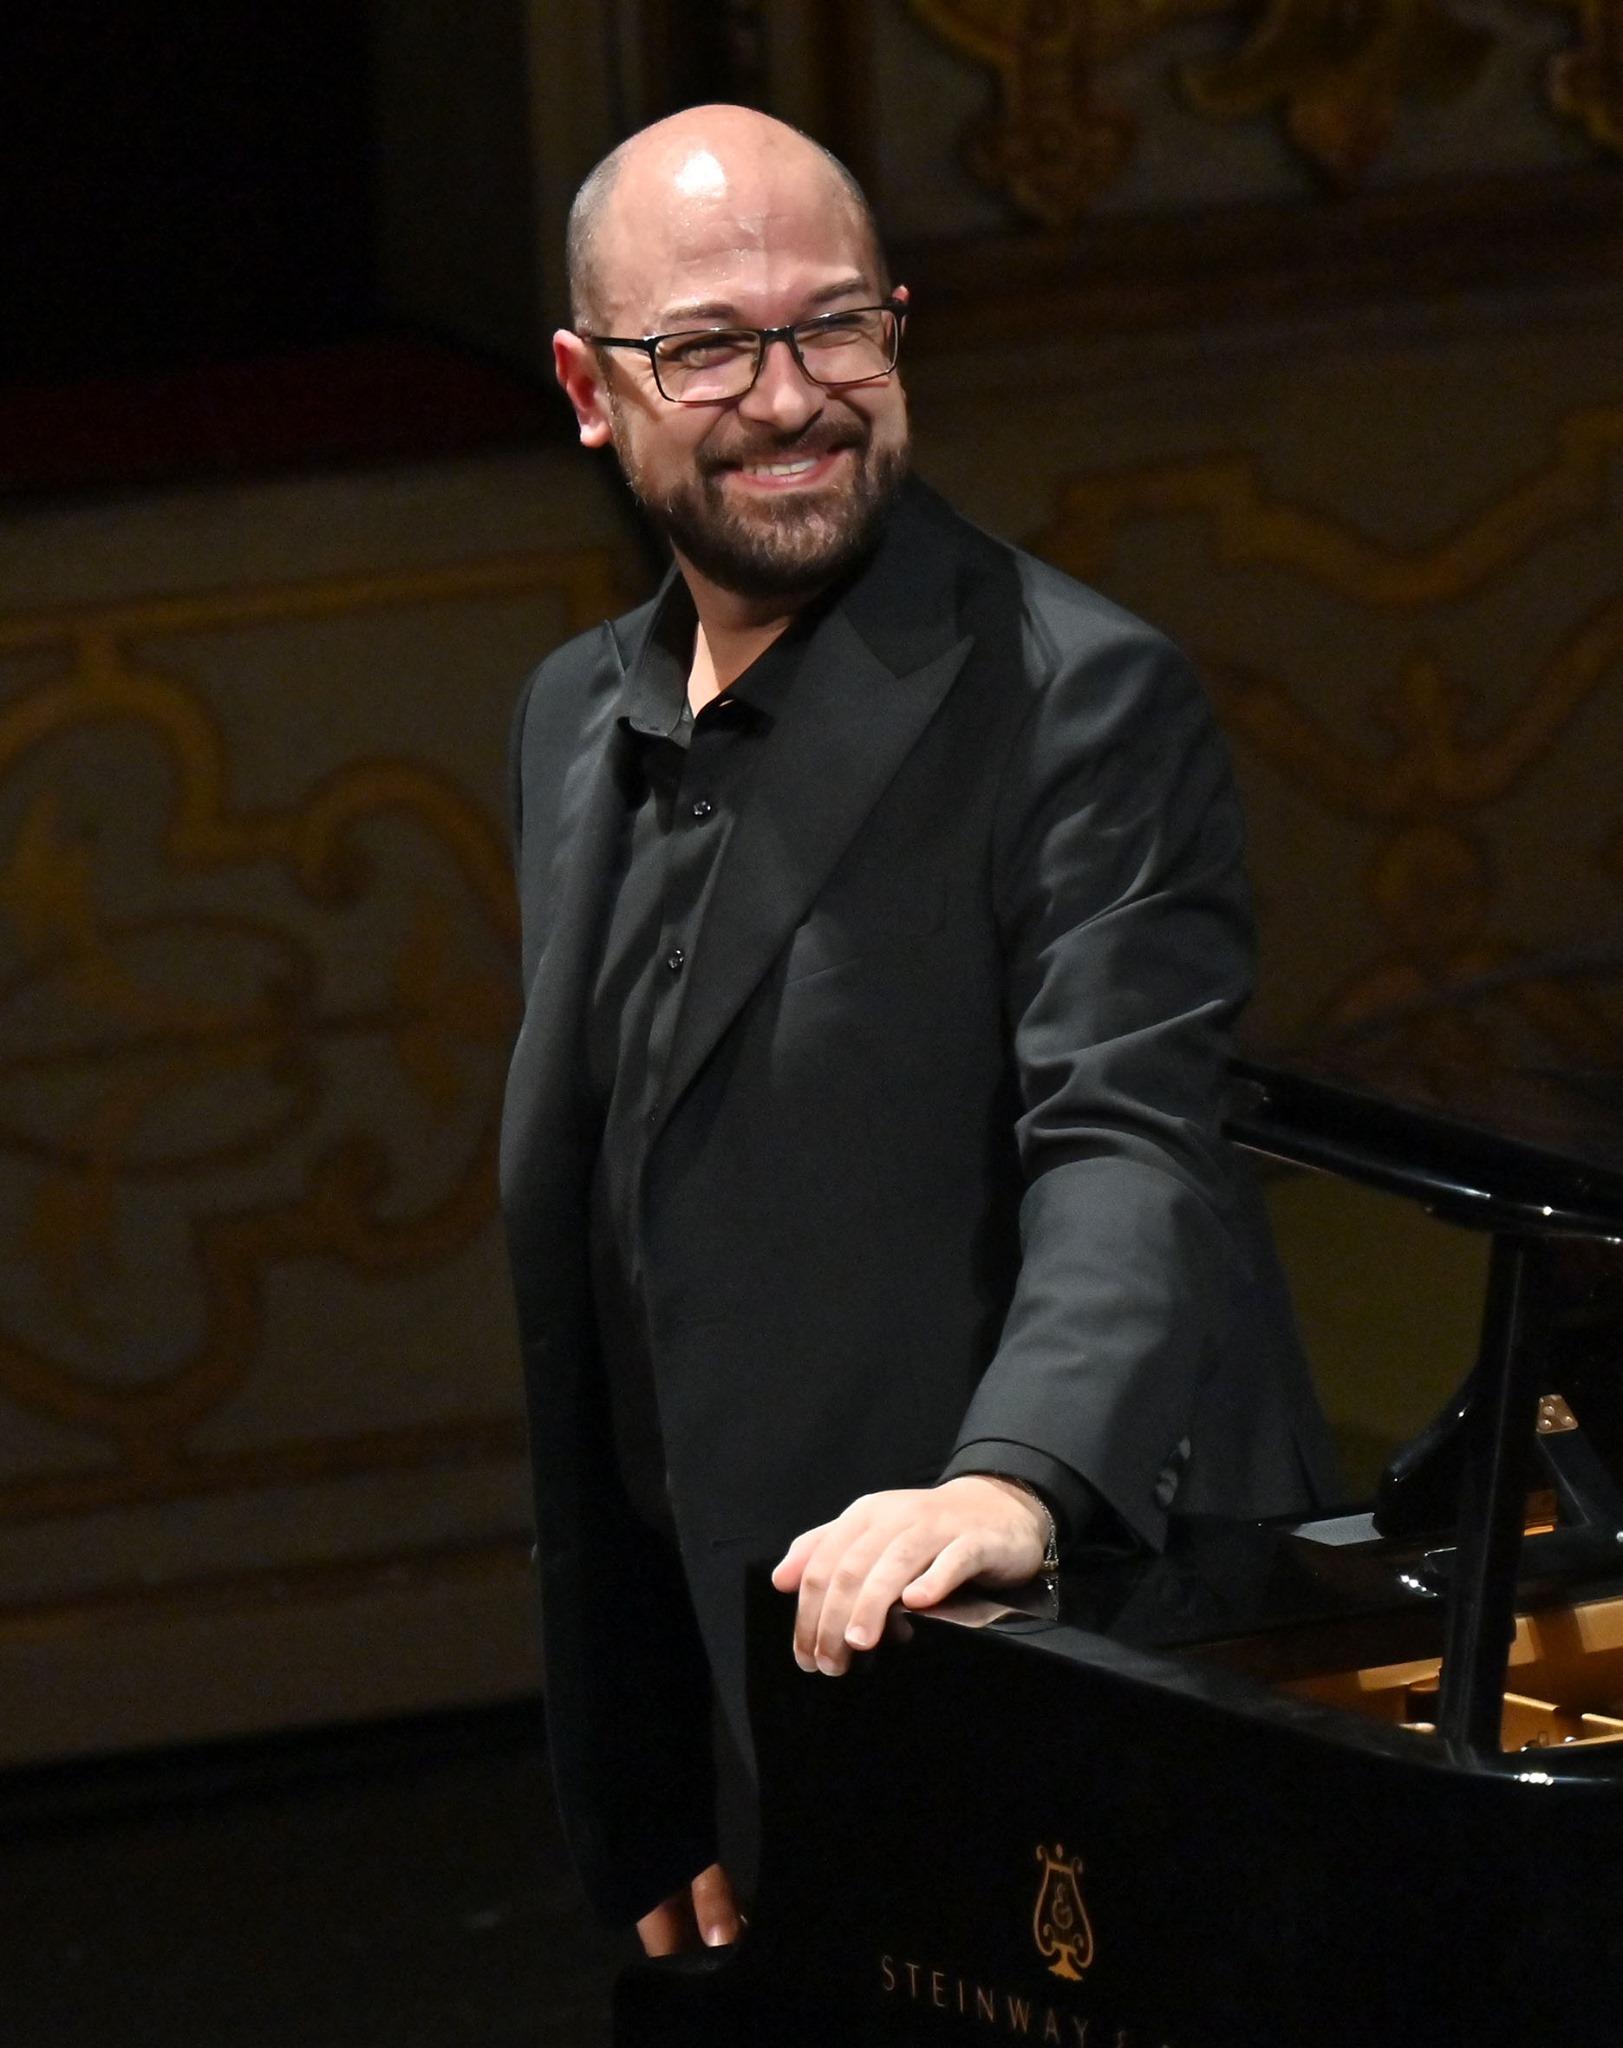 Foto Roberto Ricci Michele D'Elia